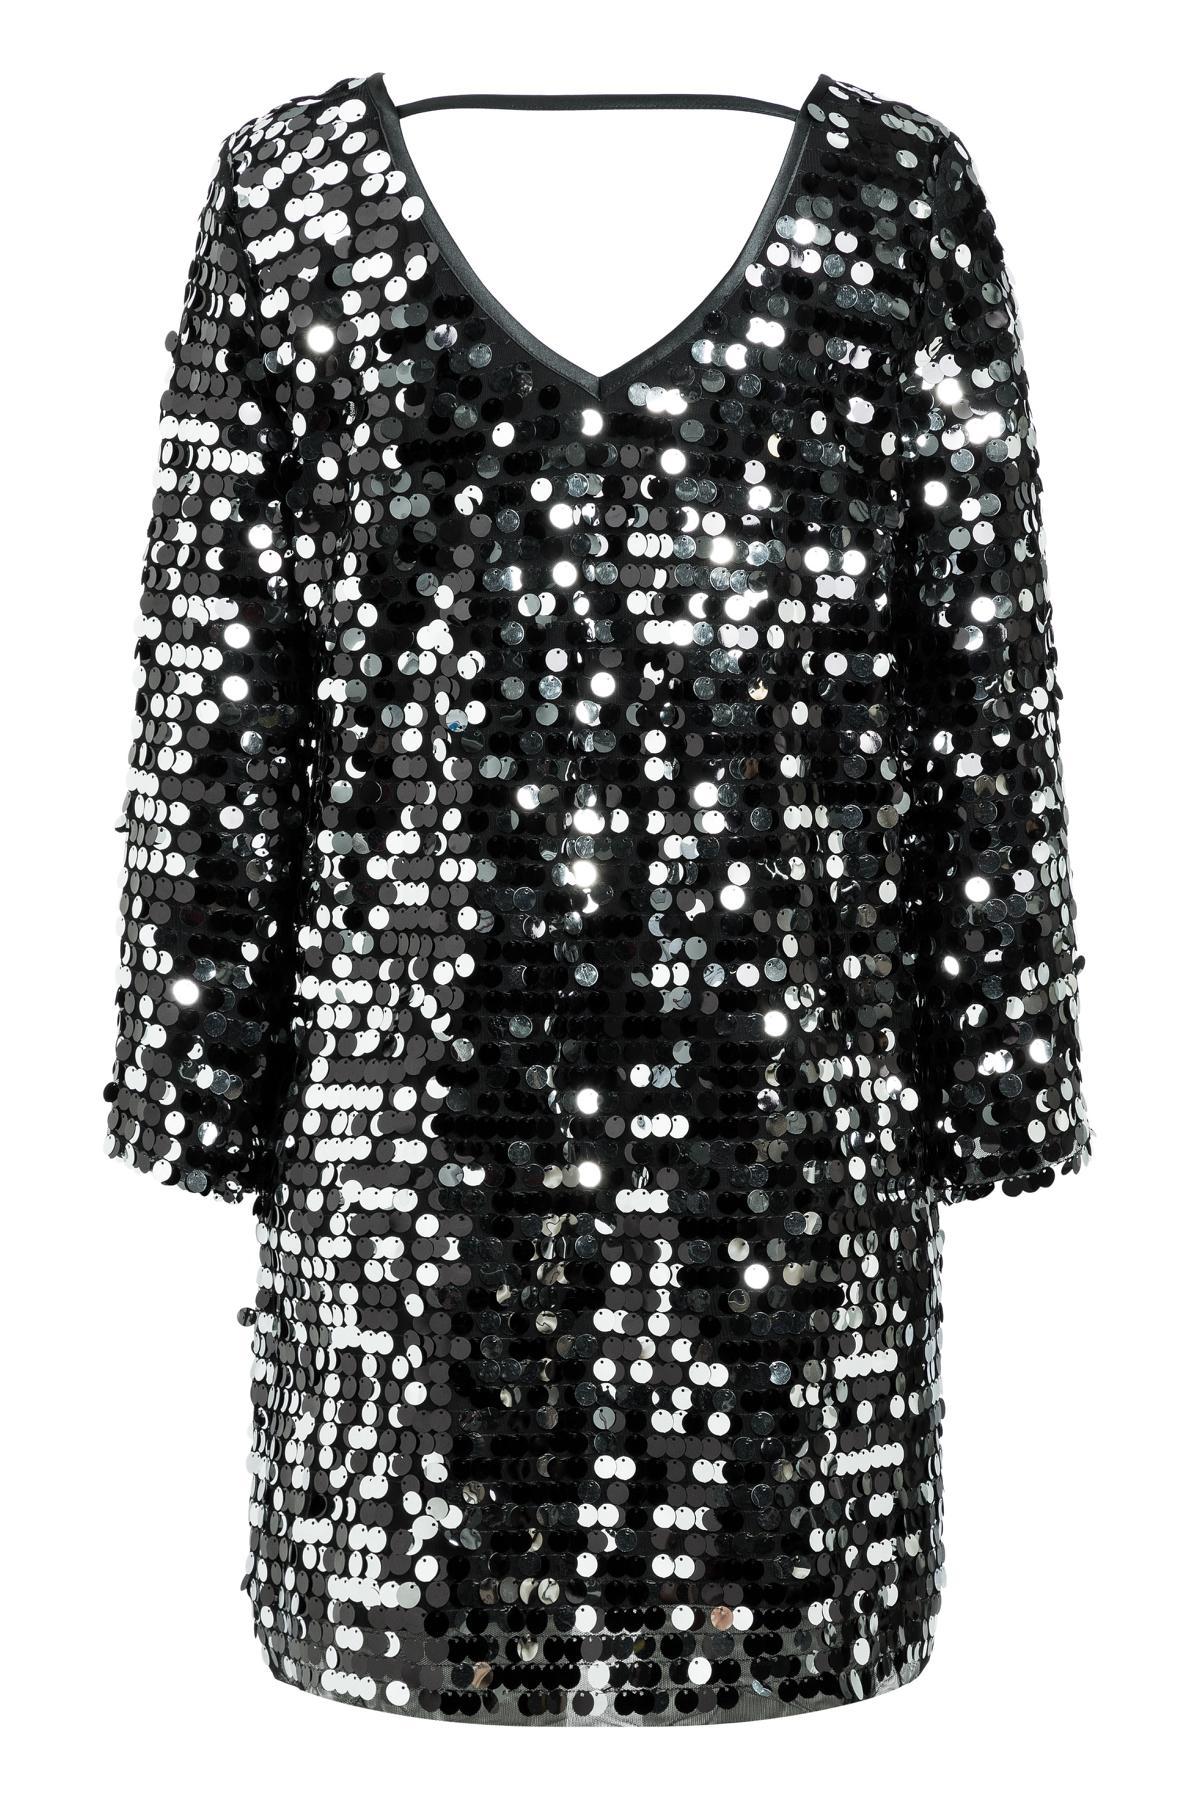 Rückansicht von Ana Alcazar Glam Pailletten Kleid Rhetys Schwarz